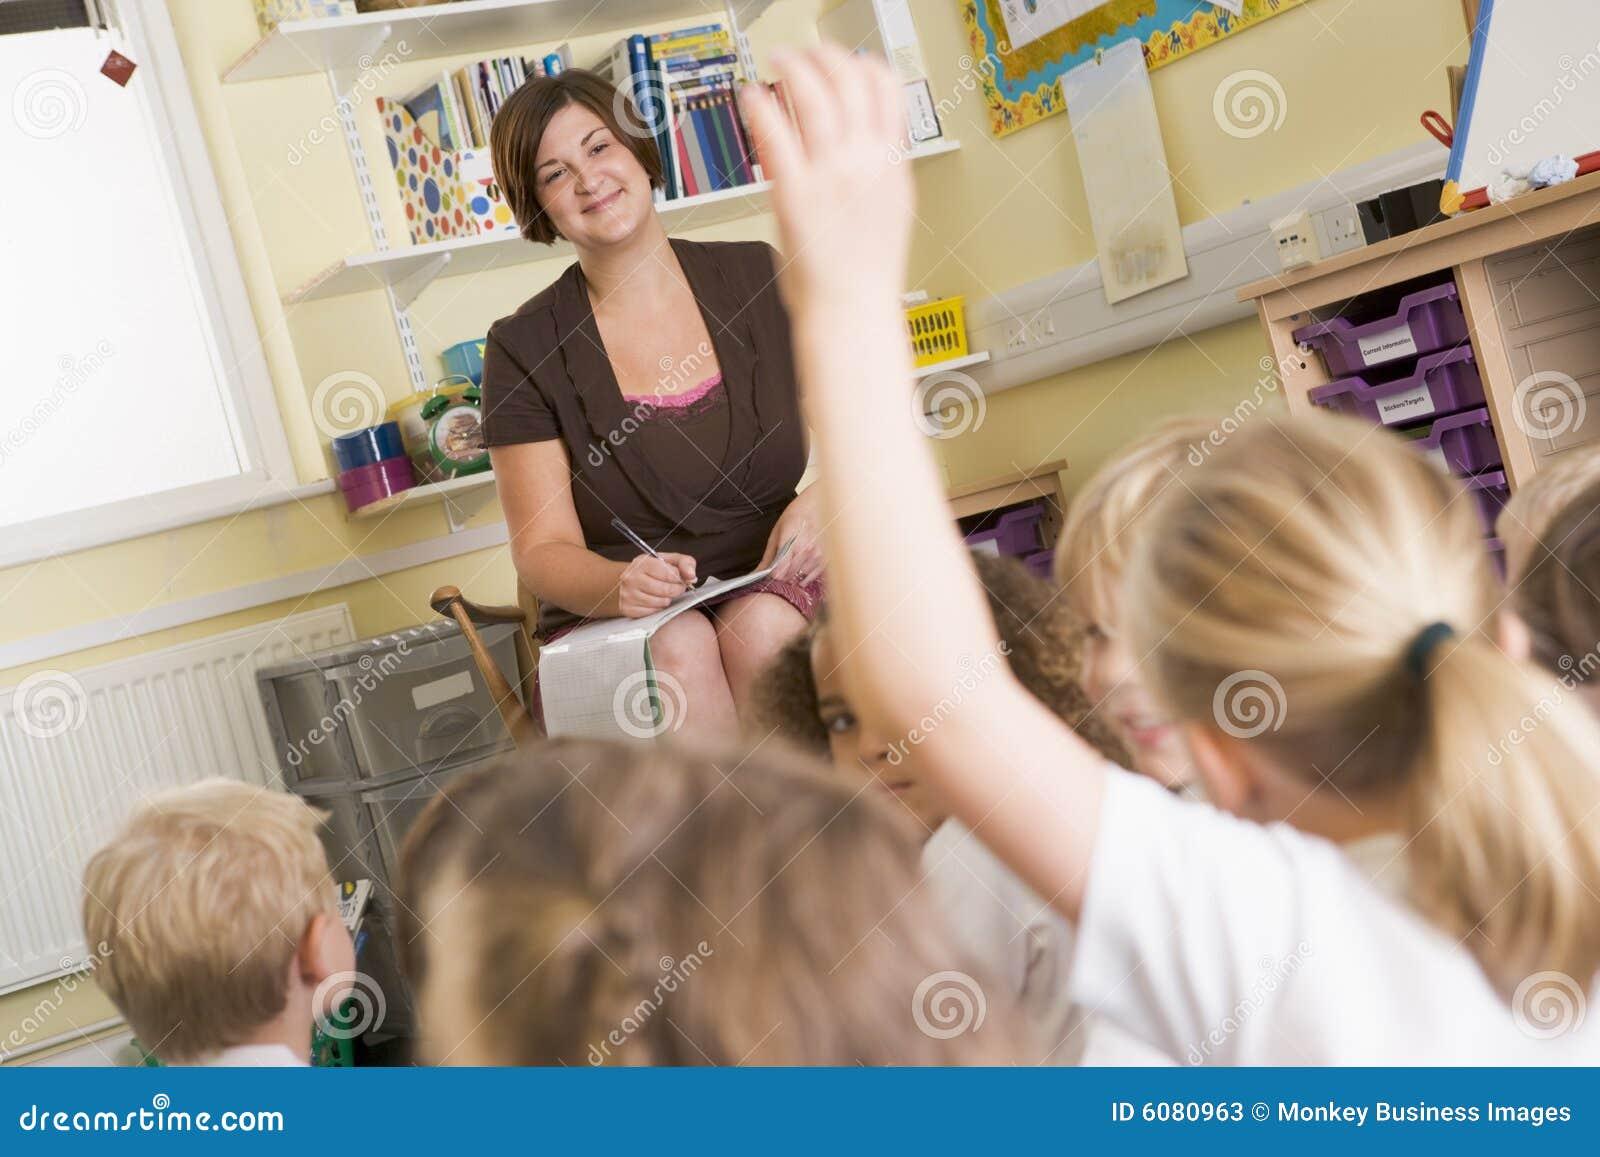 Учительница пришла лечить ученика 4 фотография